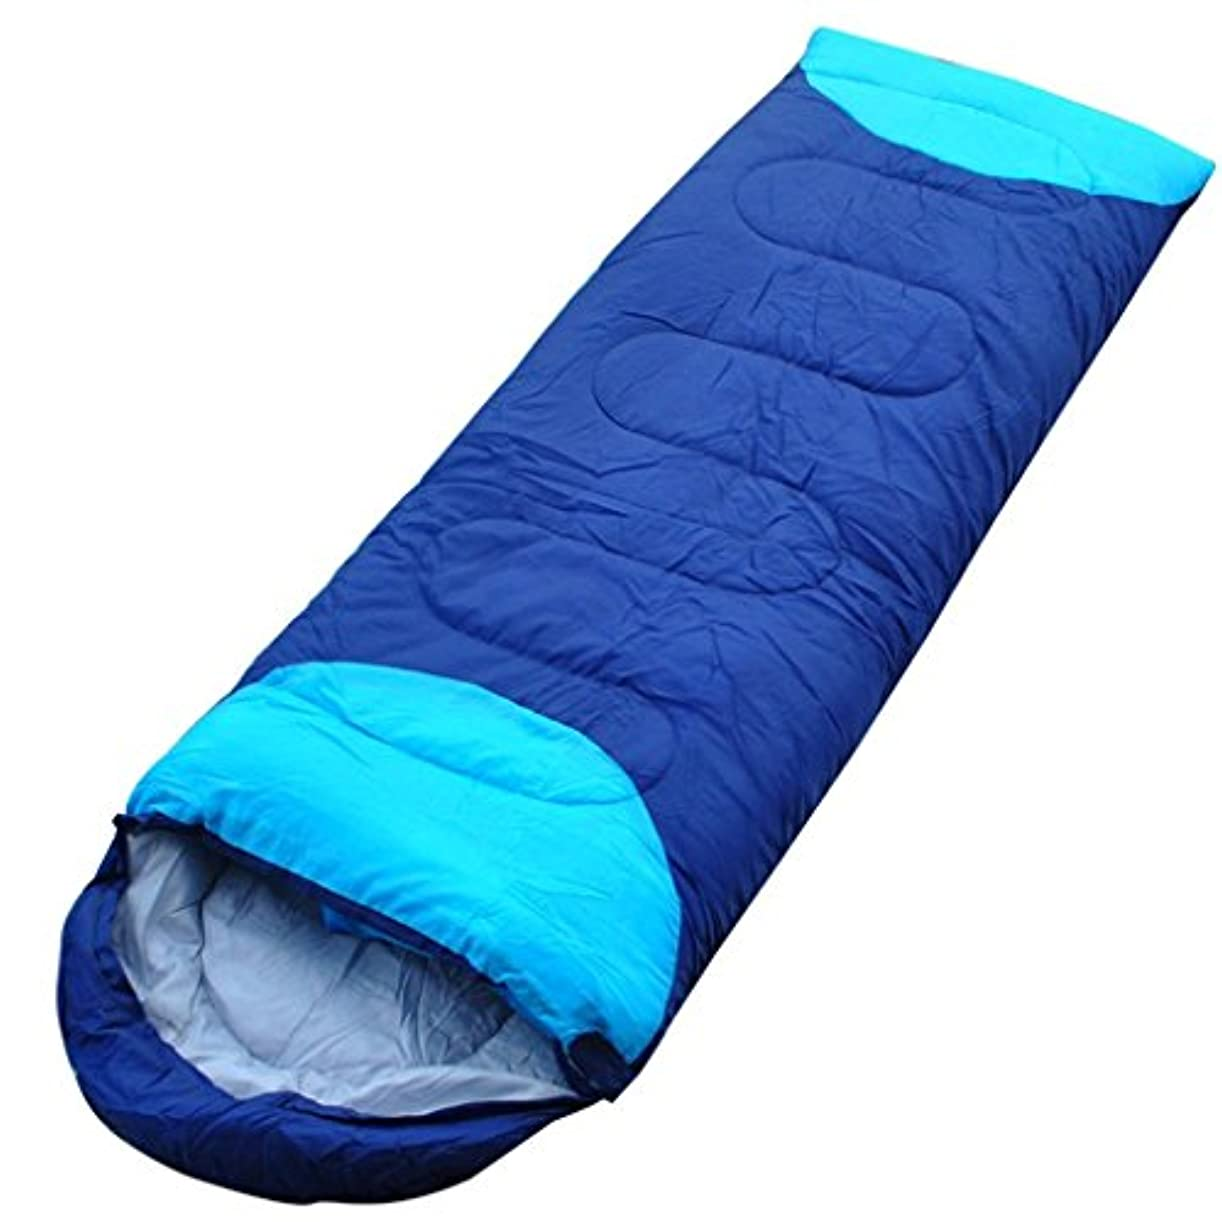 平らにする遊具恥ずかしさWangjie 寝袋 キャンプ どんぐり スプライス ダブルインドア 大人用 温かい 防水 軽量 寝袋